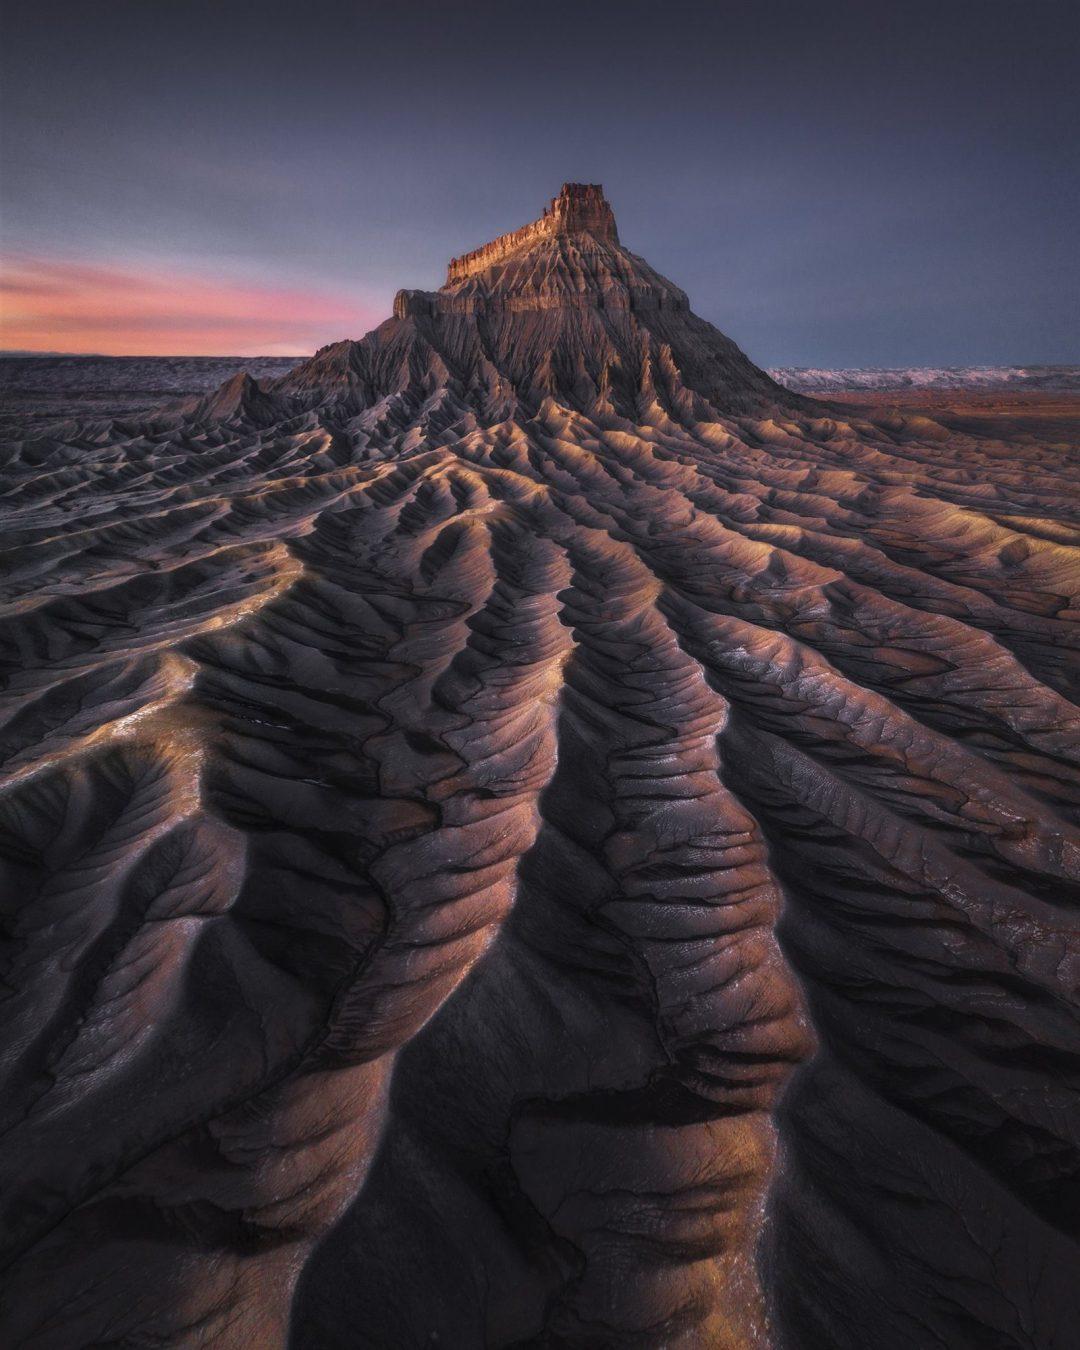 Dalle piramidi del Renon al grandioso Cerro Chaltén: i vincitori dell'International Landscape Photographer of the Year 2020